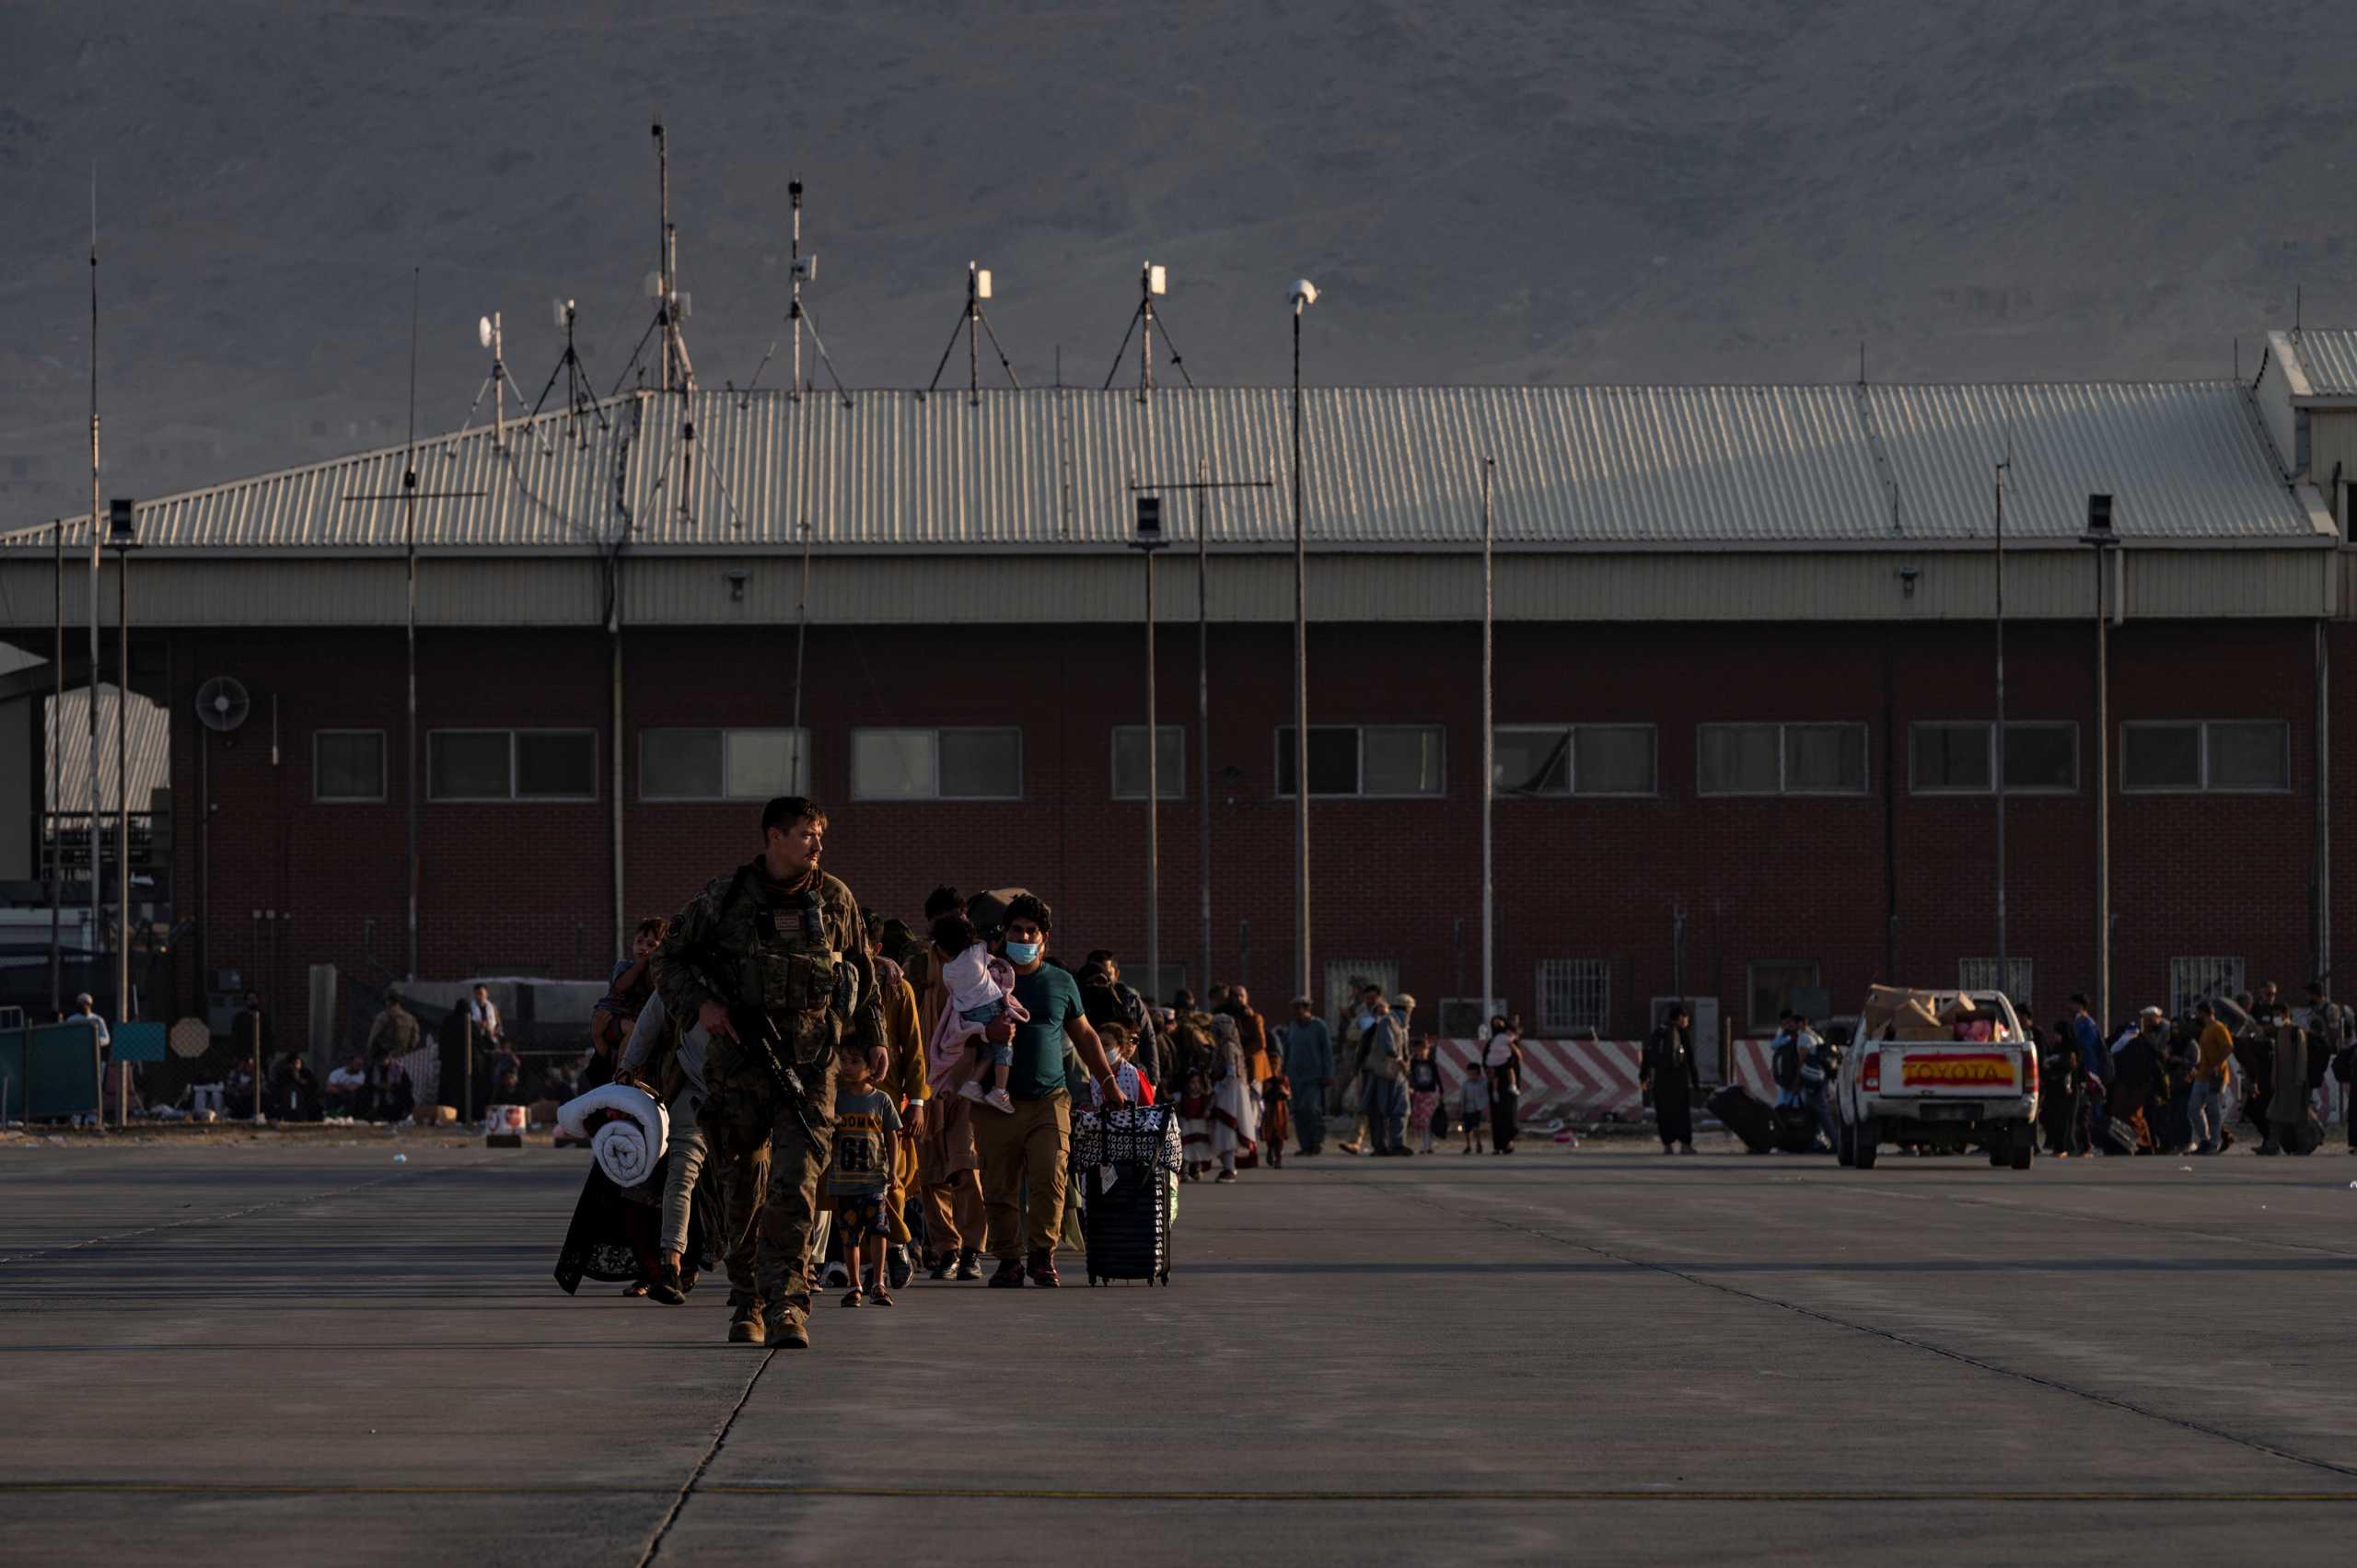 Αφγανιστάν: Σταματούν «τις επόμενες ώρες» οι επιχειρήσεις απεγκλωβισμού από την Ιταλία